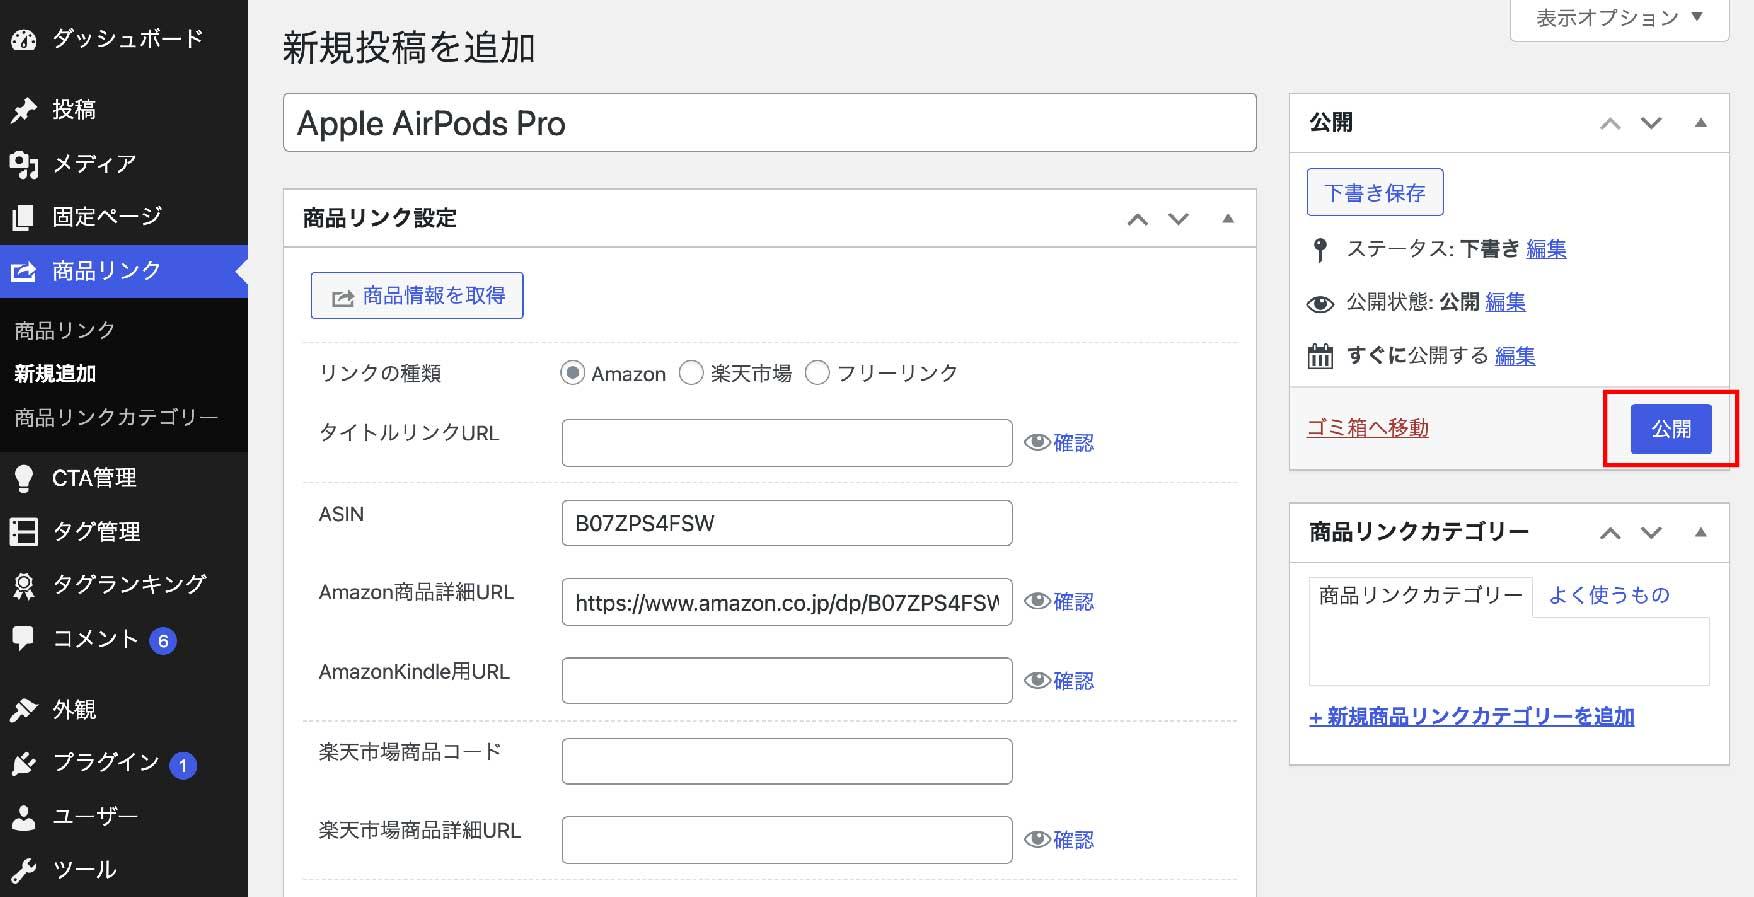 【完全解説】物販用プラグインRinkerの導入〜設定までの方法27